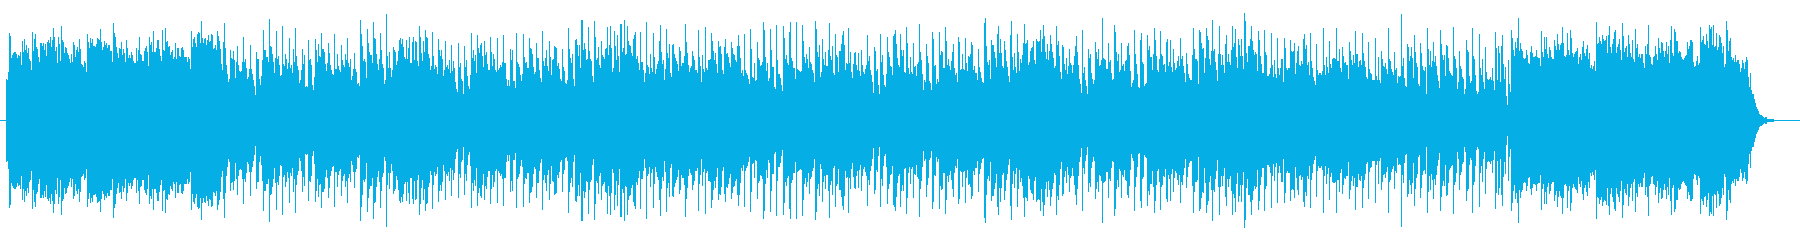 切なく感動的なシンセポップスの再生済みの波形